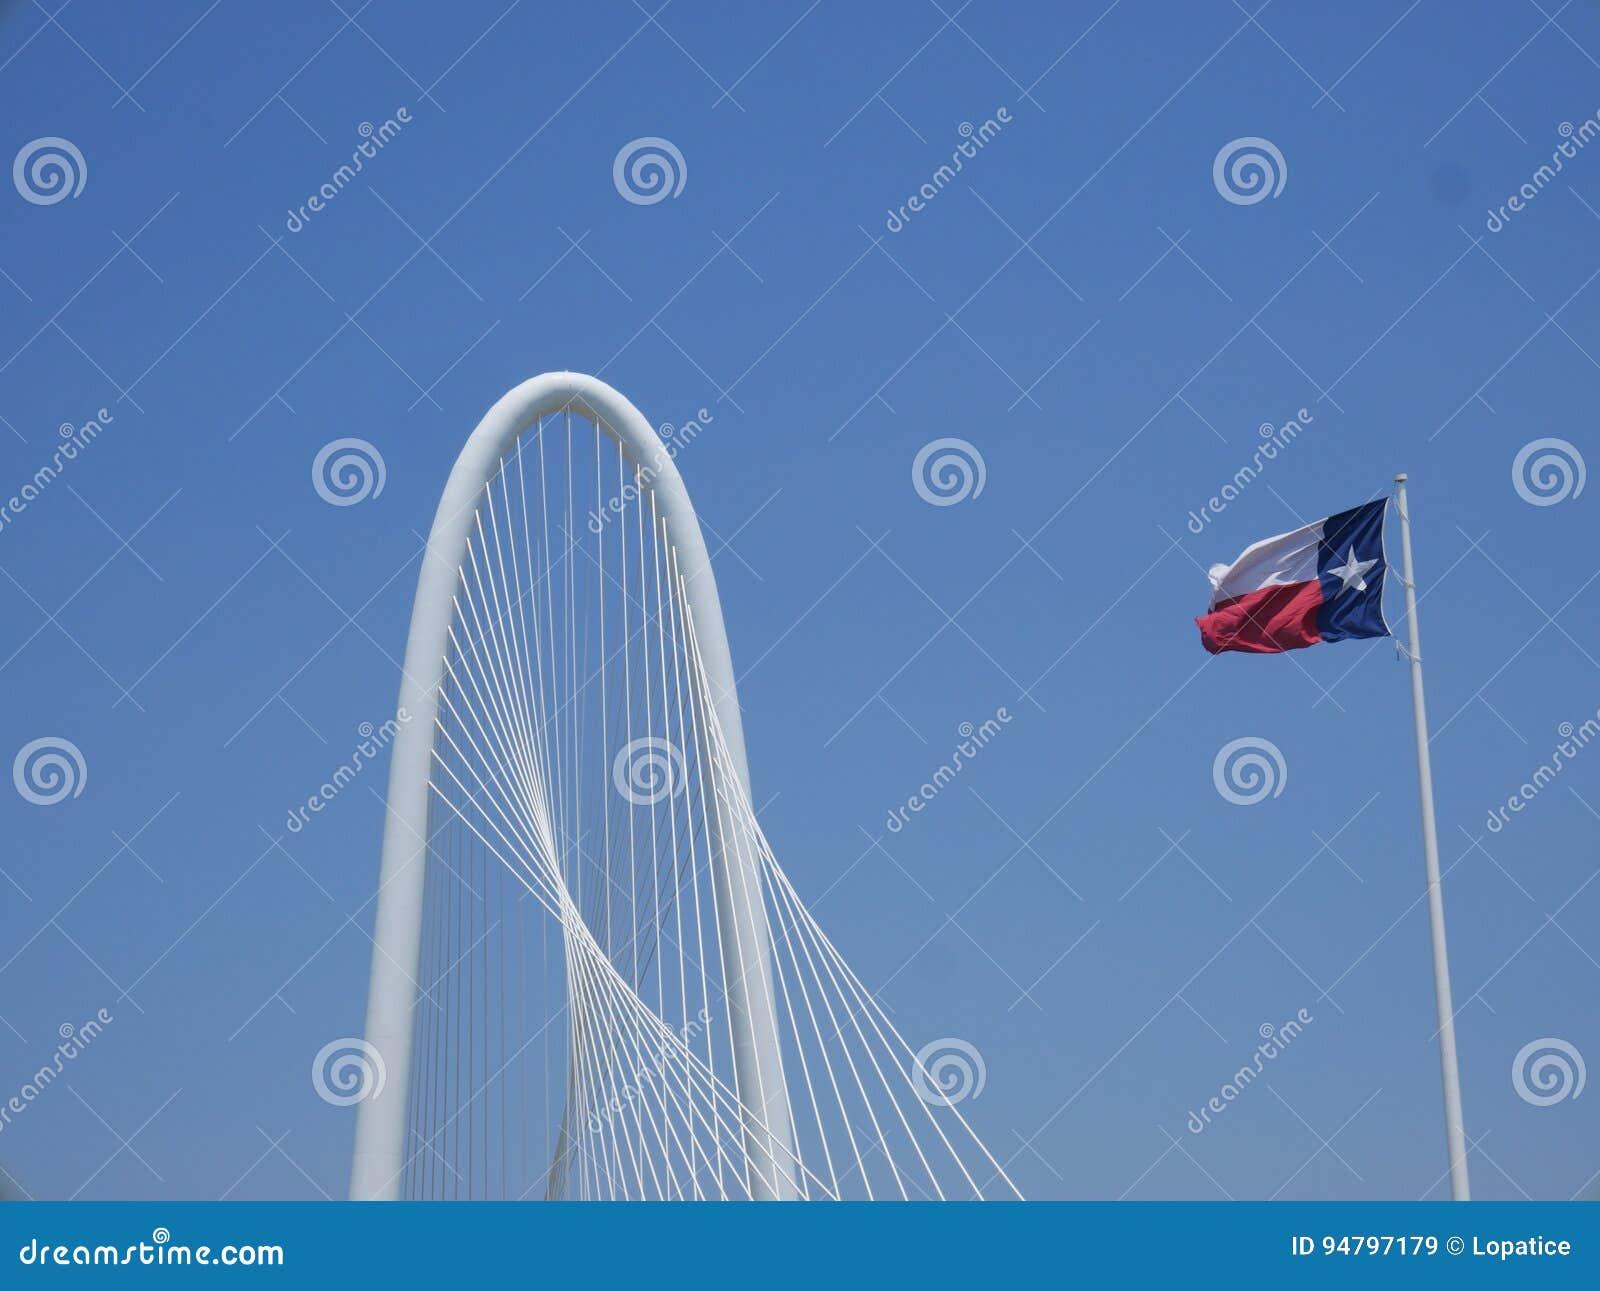 Puente de Margaret Hunt Hill y bandera de Tejas